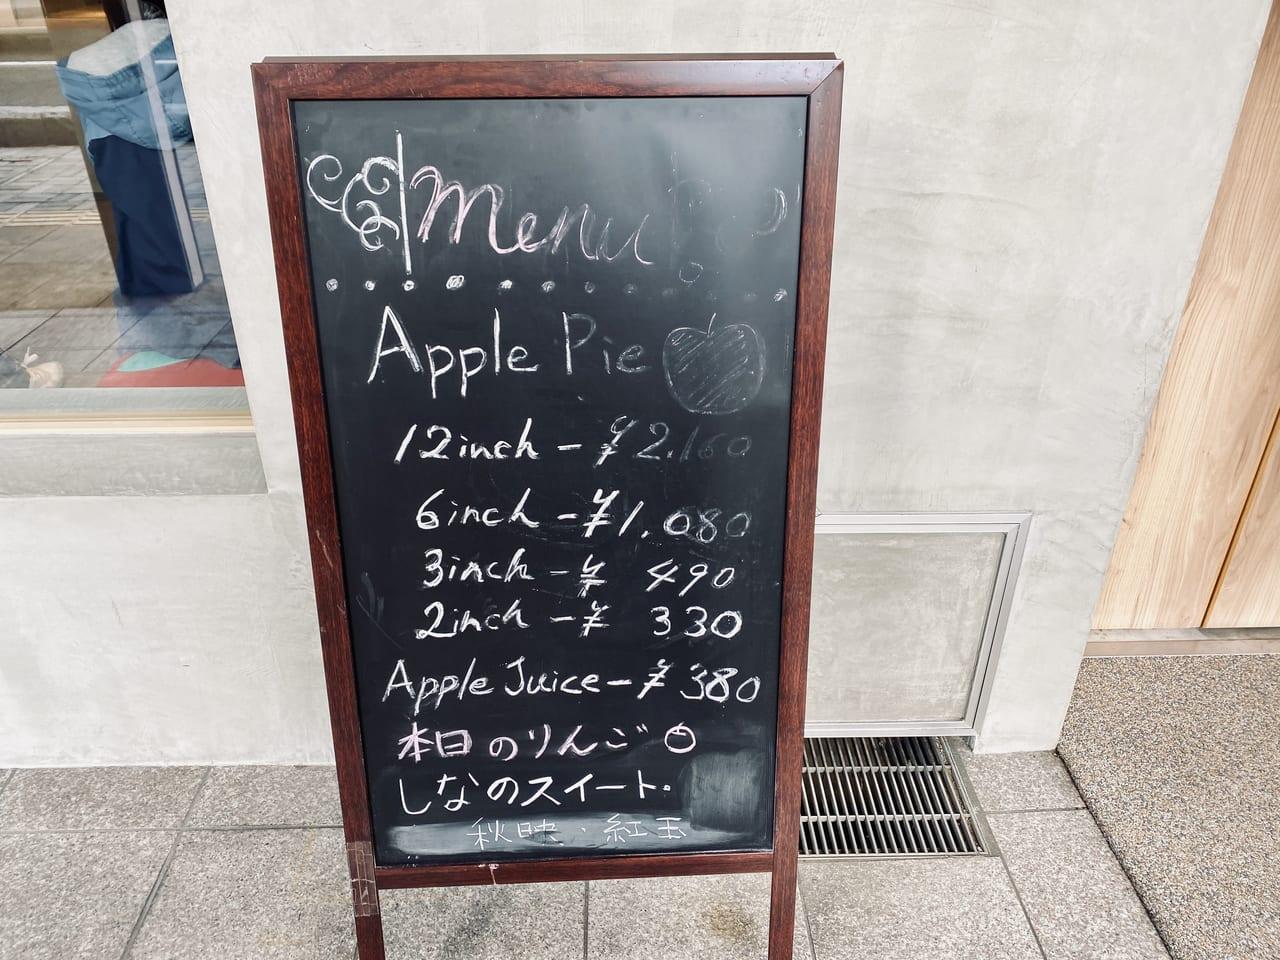 信州アップルパイ研究所メニュー